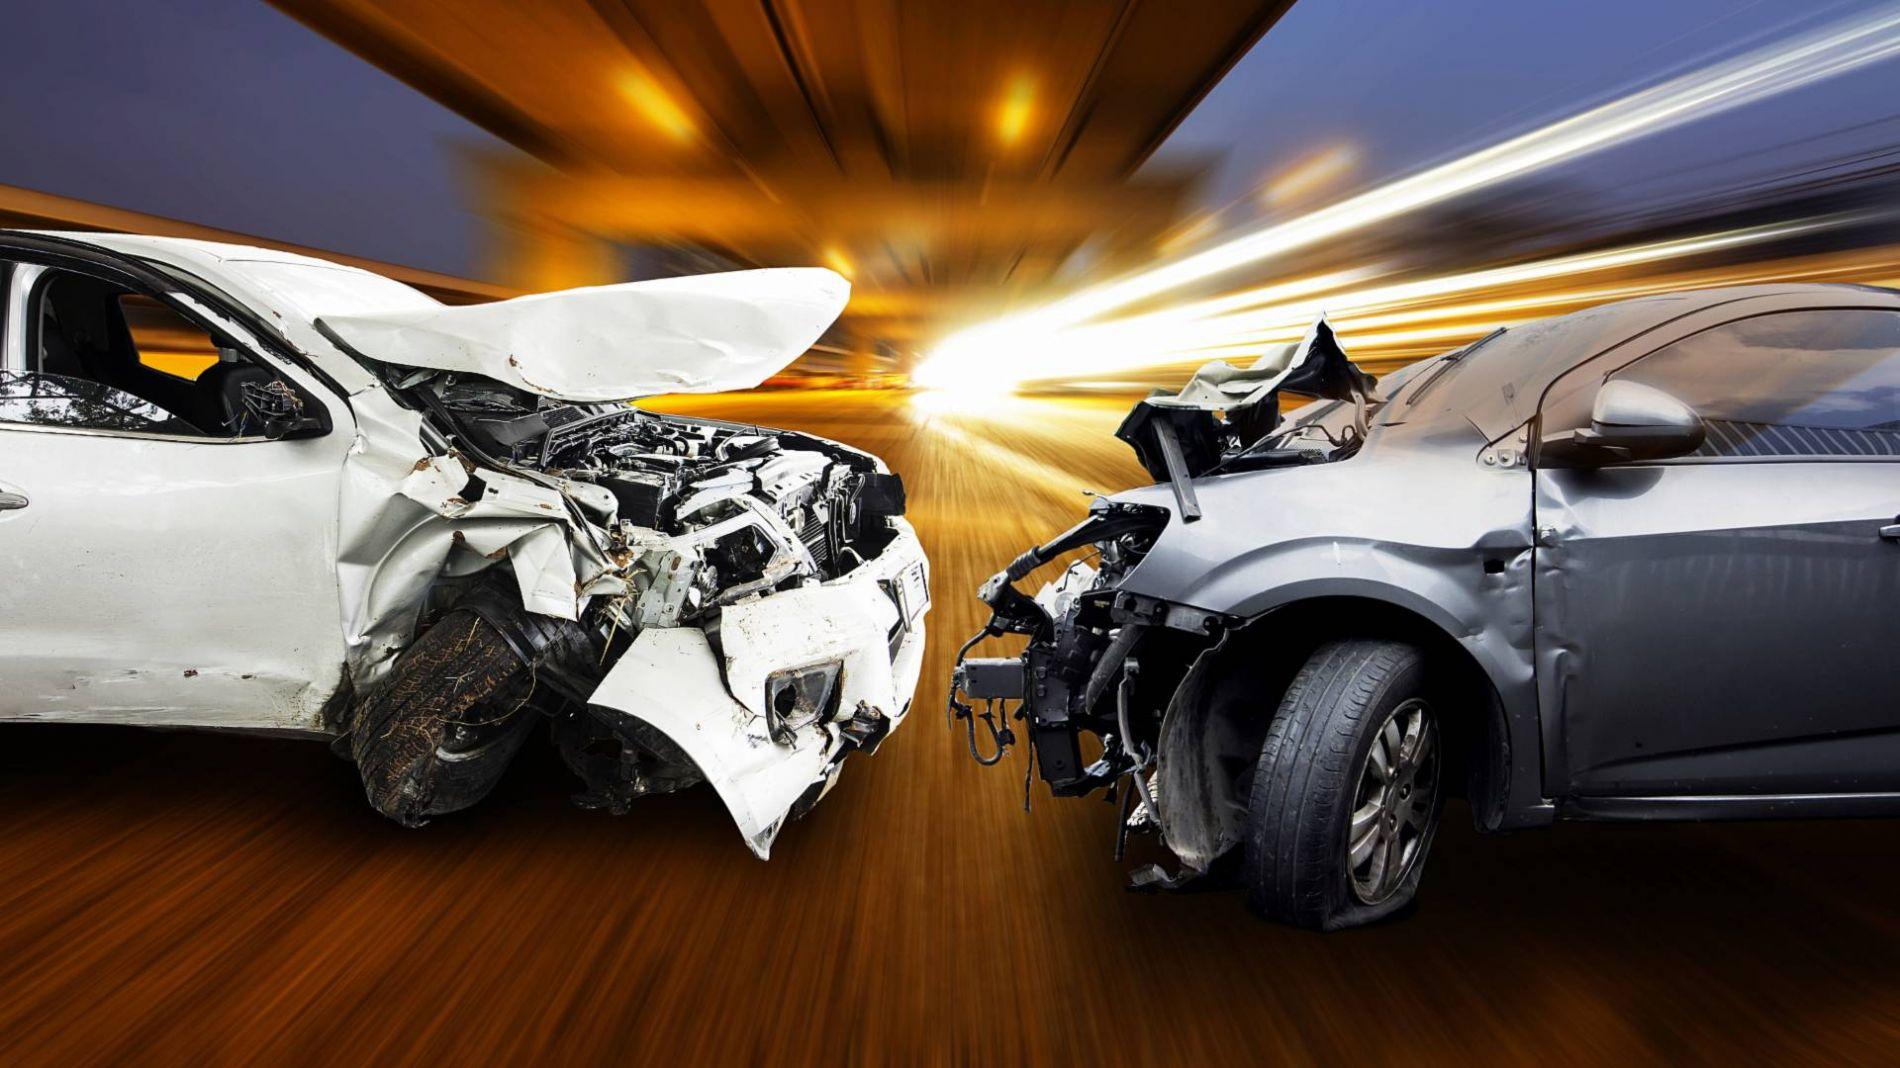 როგორ მივხვდეთ, ნაავარიებია თუ არა მანქანა ?